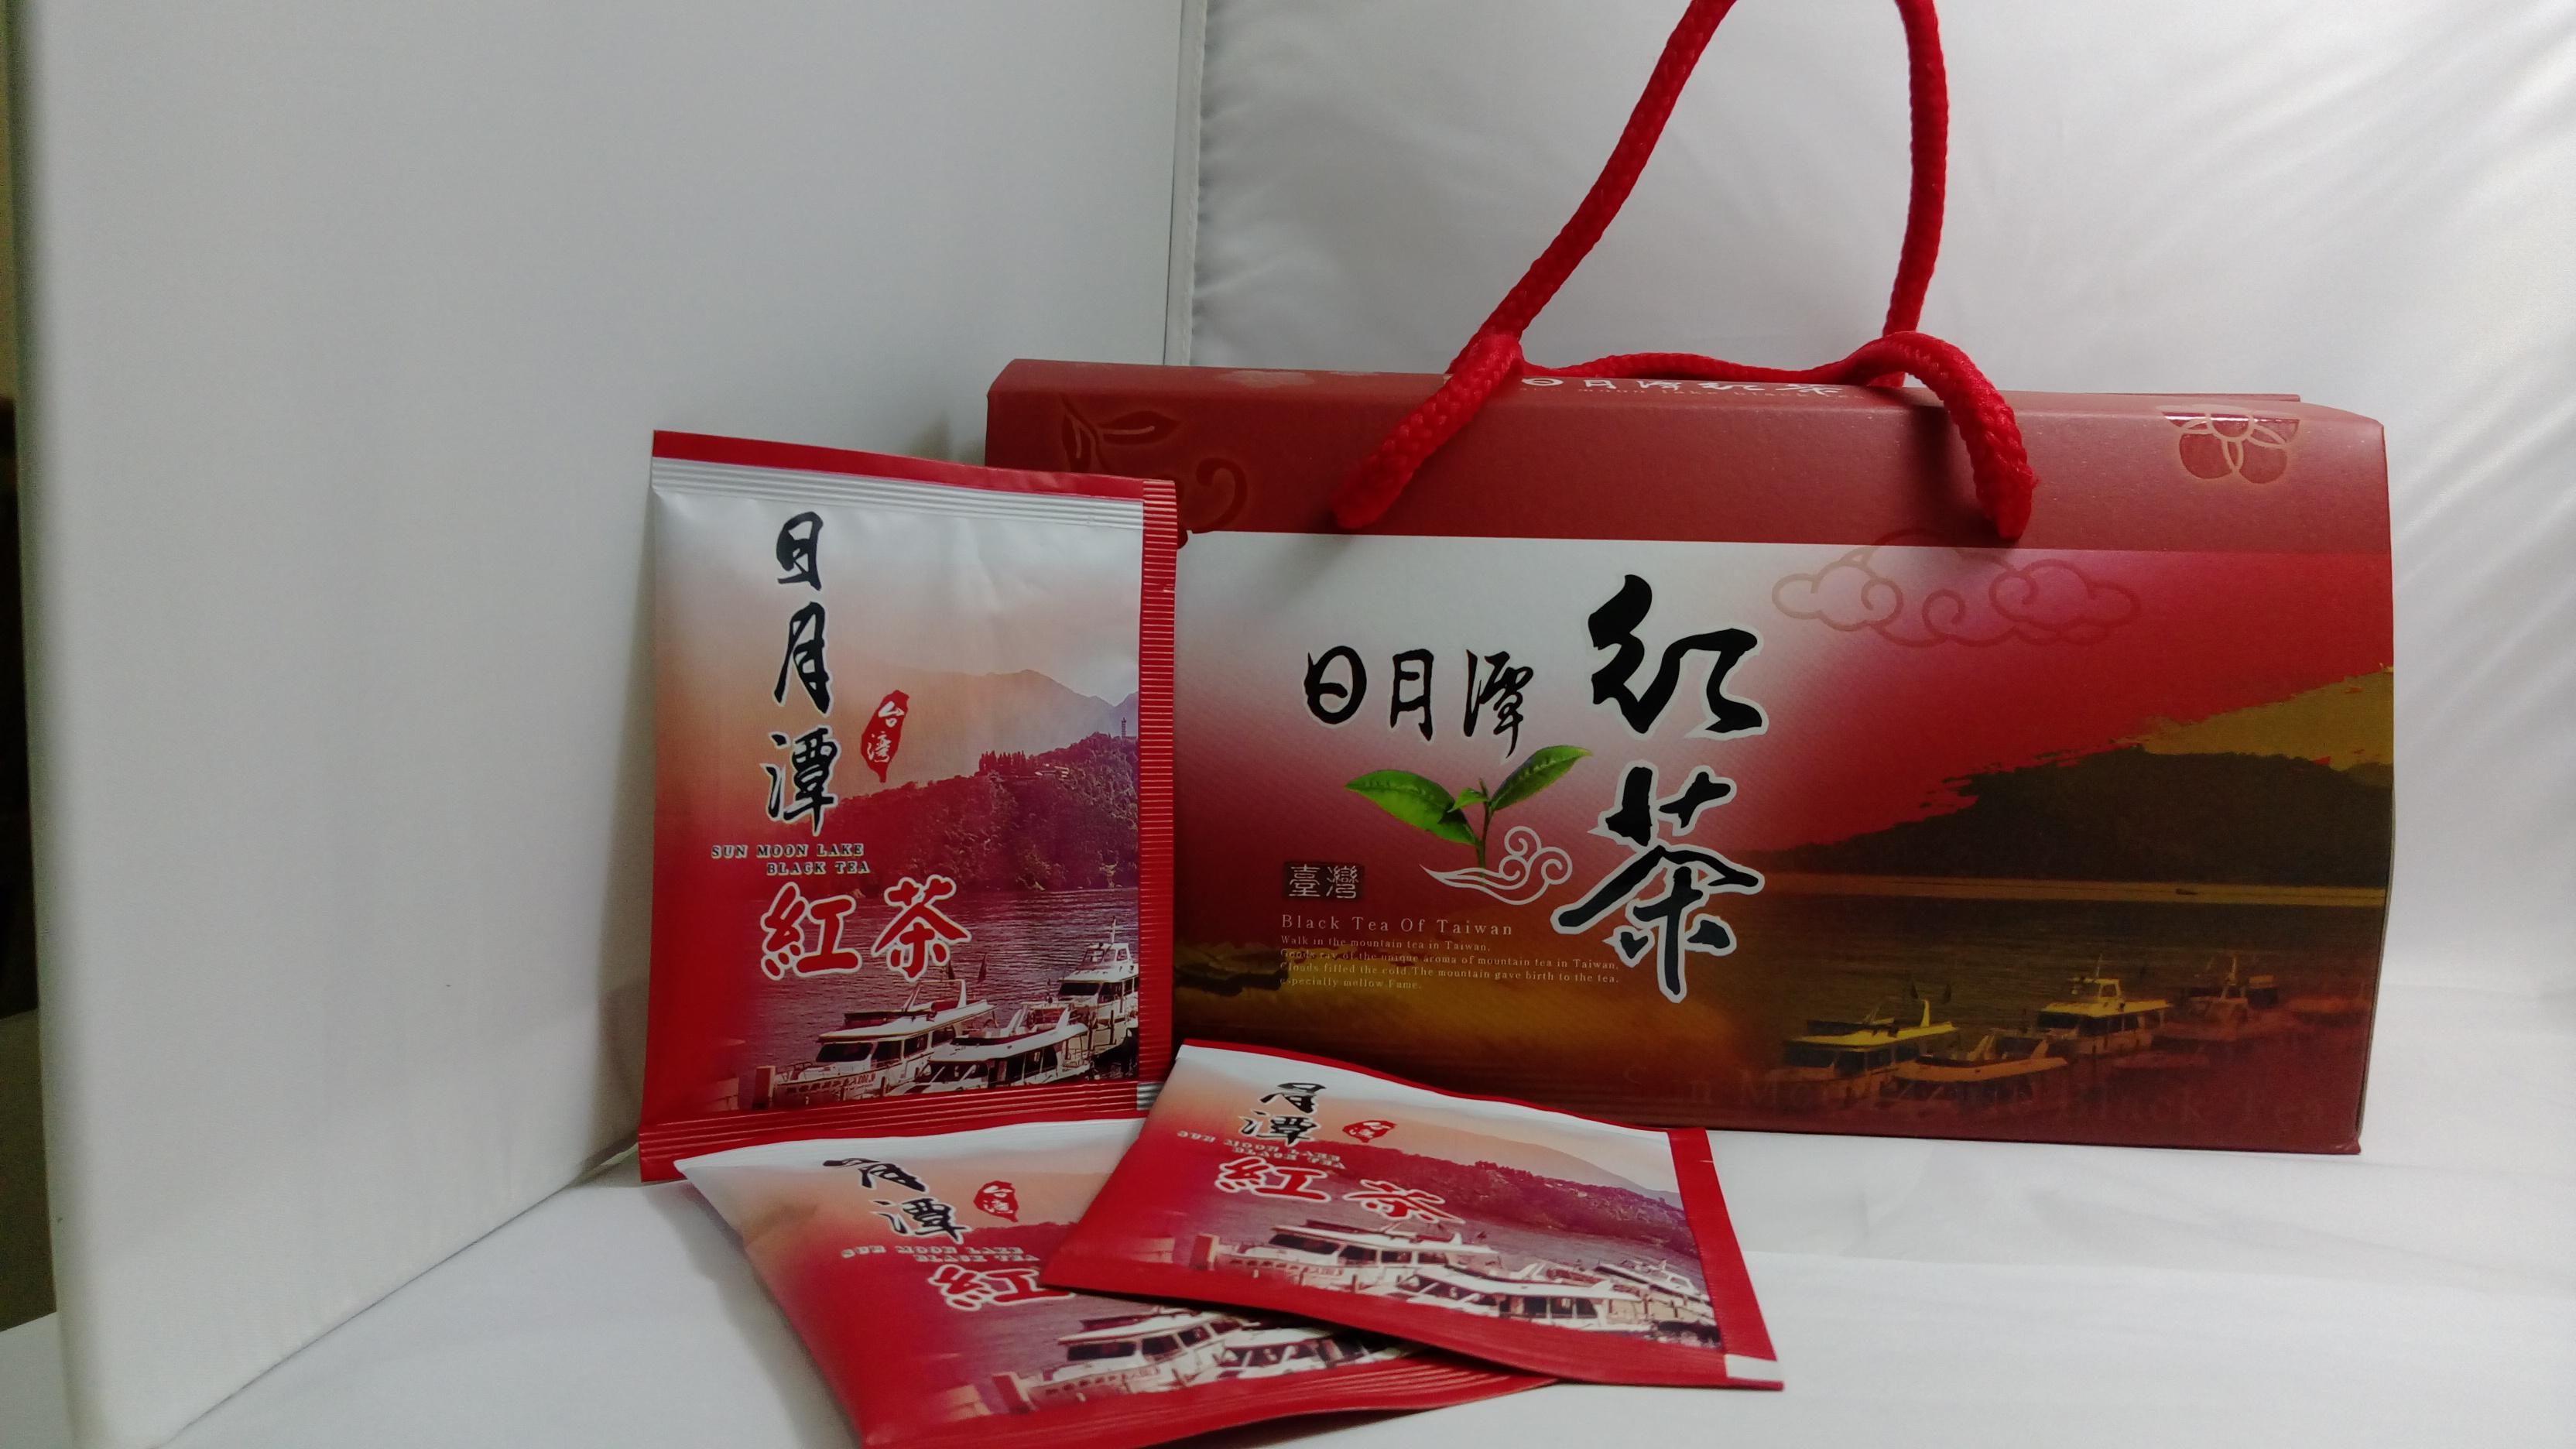 日月潭紅茶(立體茶包)禮盒組